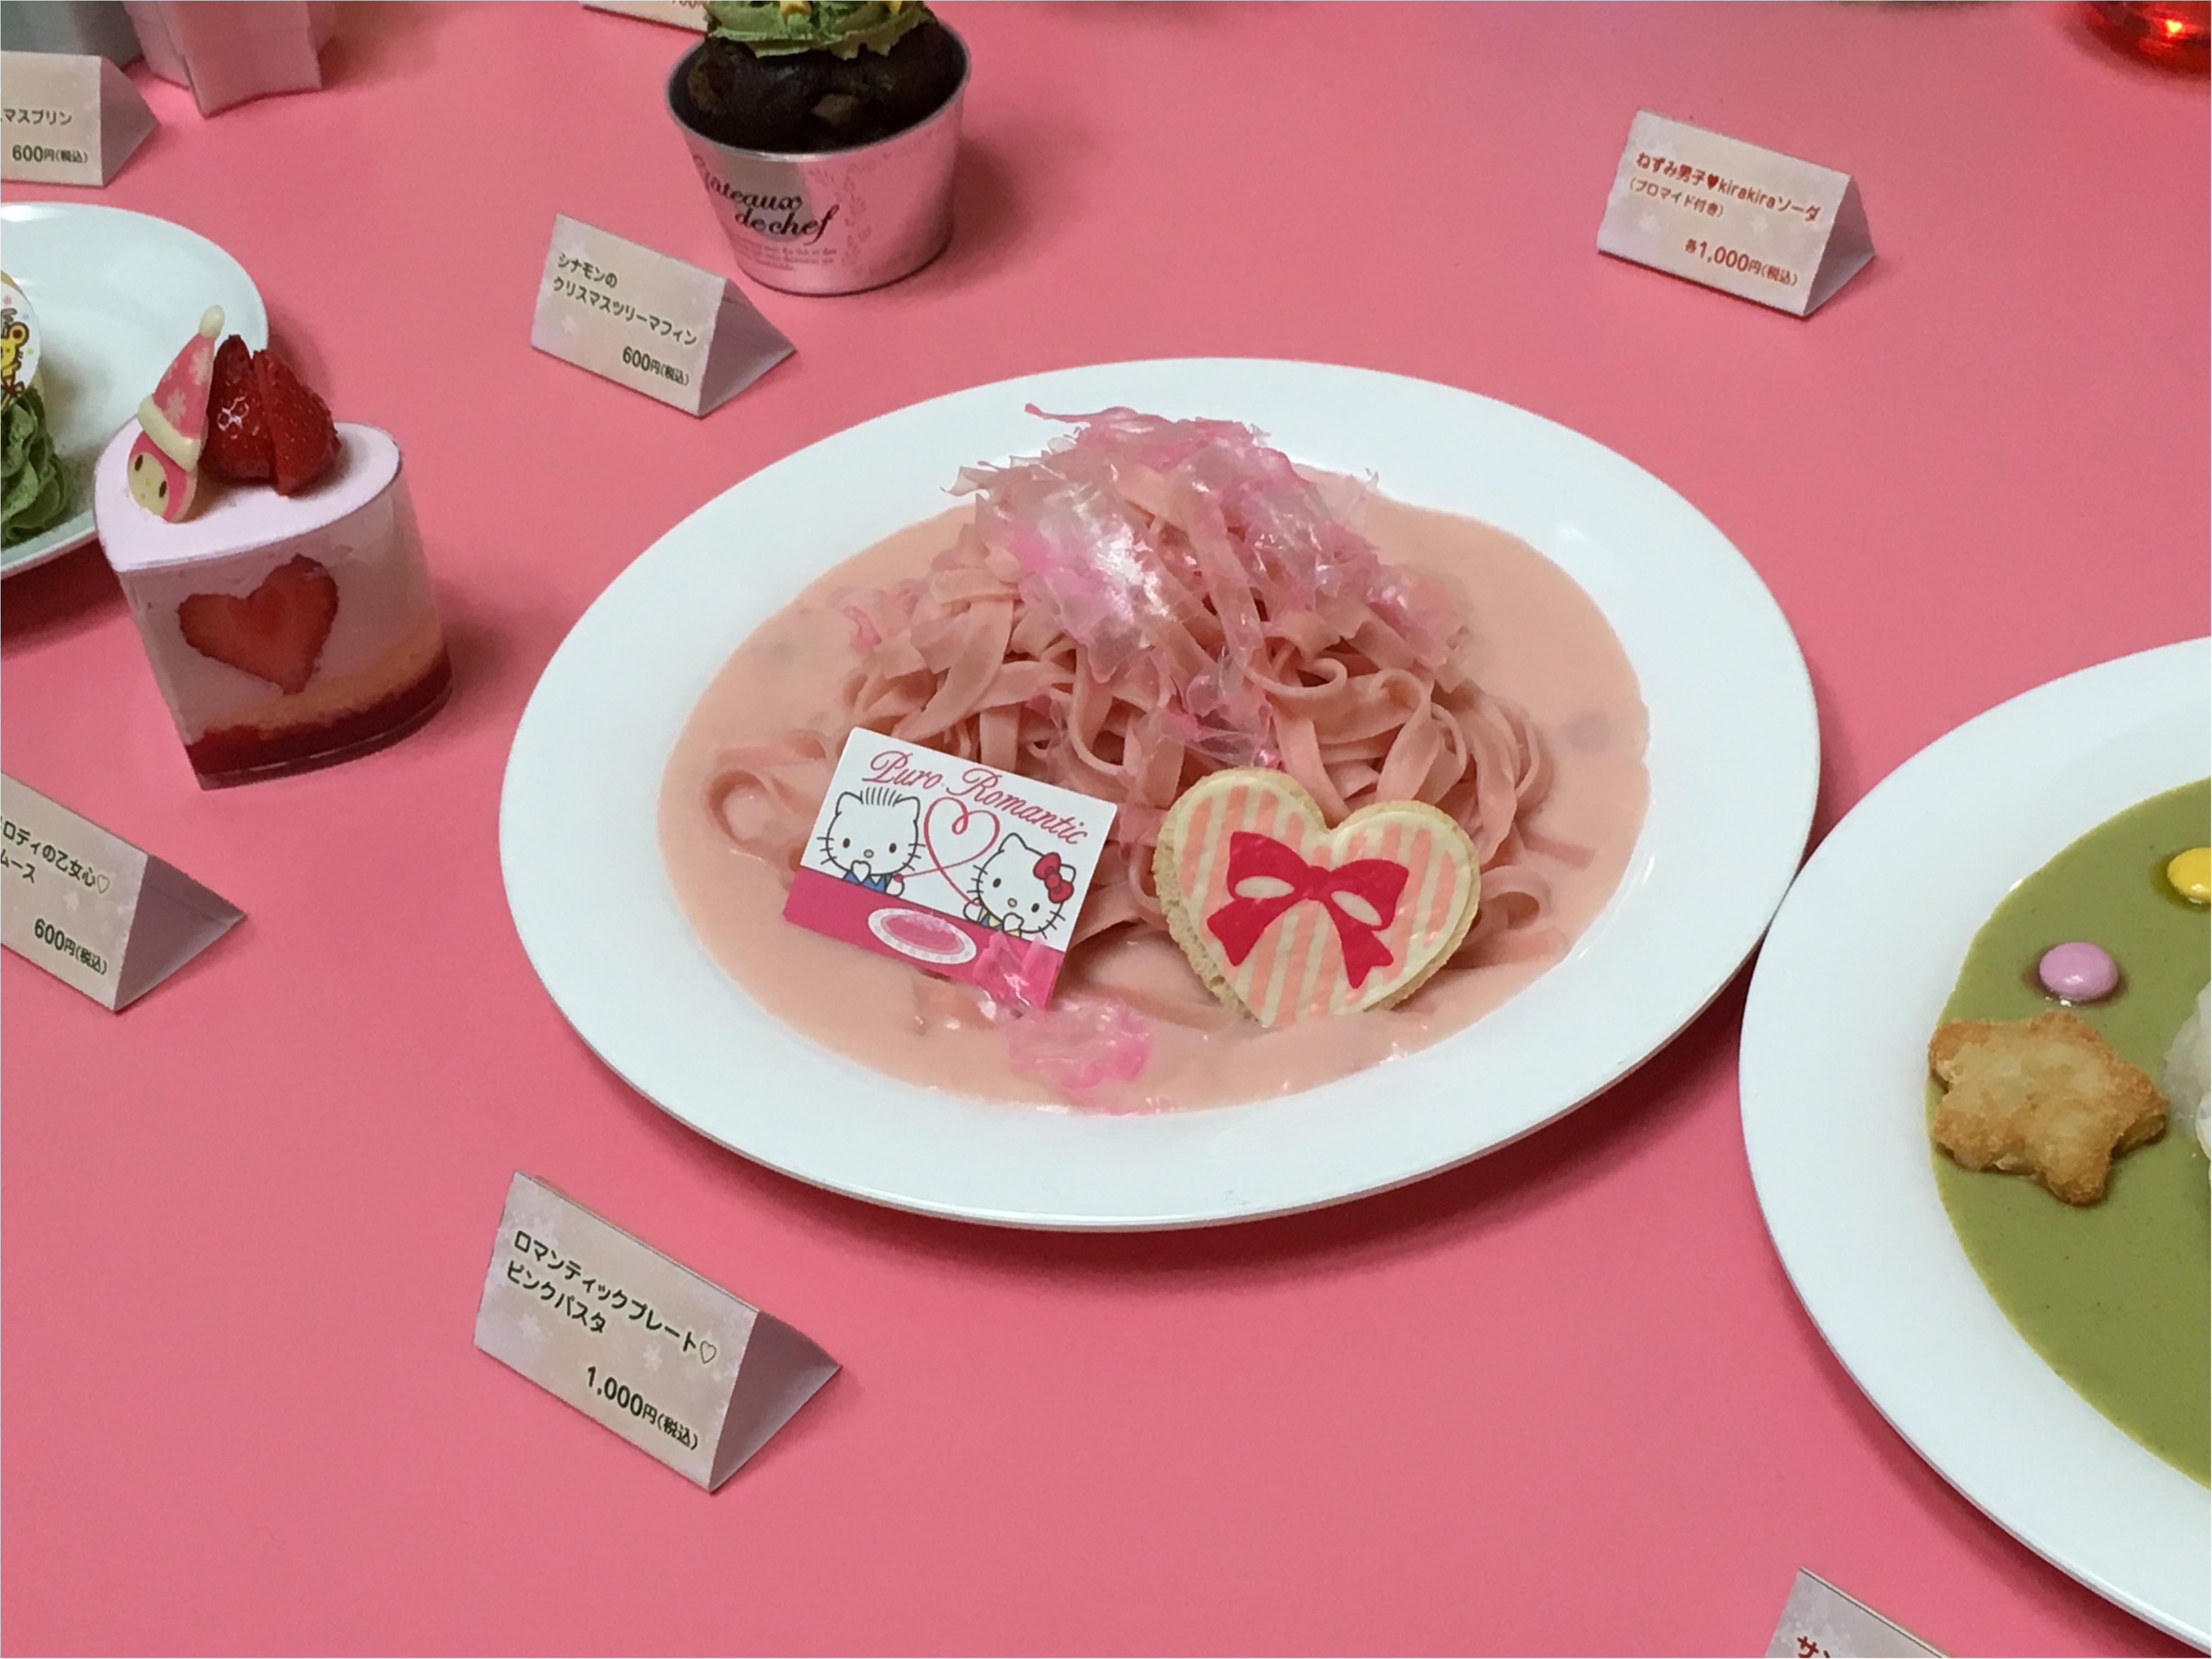 『ピューロクリスマス』-高橋愛ちゃんやトレンディエンジェルも食べた!インスタ映え◎なピューロランドのフードメニュー-_3